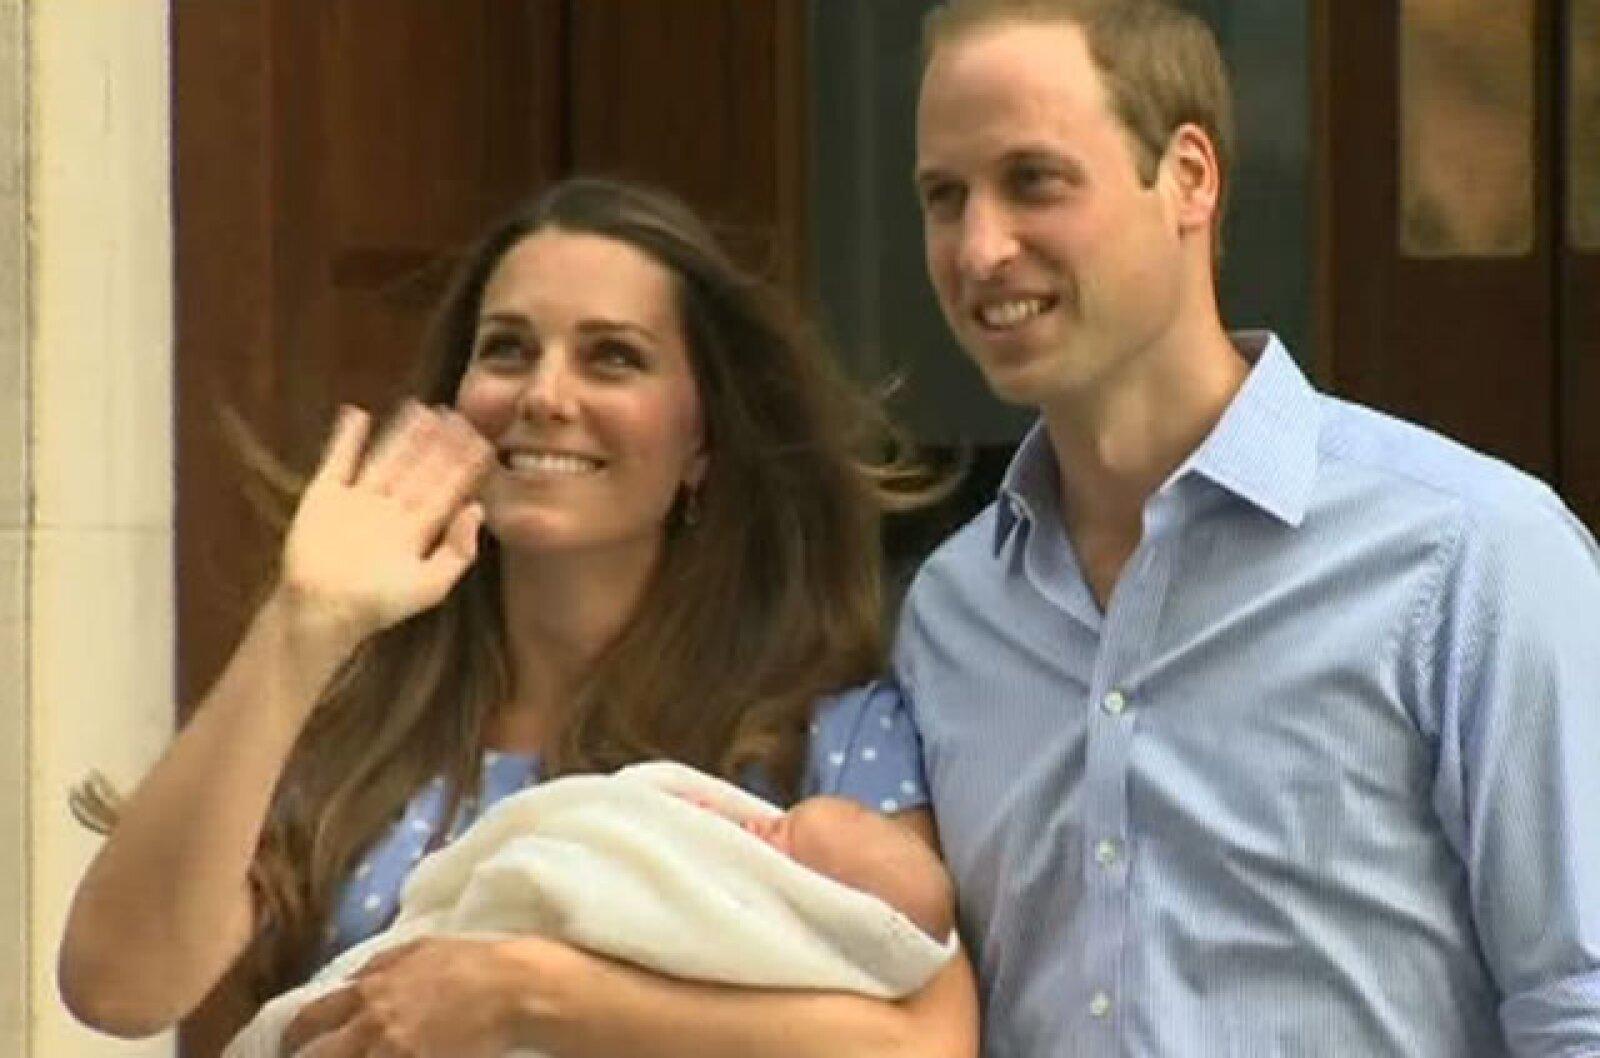 Hace 31 años, Diana de Gales salió por la misma puerta presentando al príncipe Guillermo.